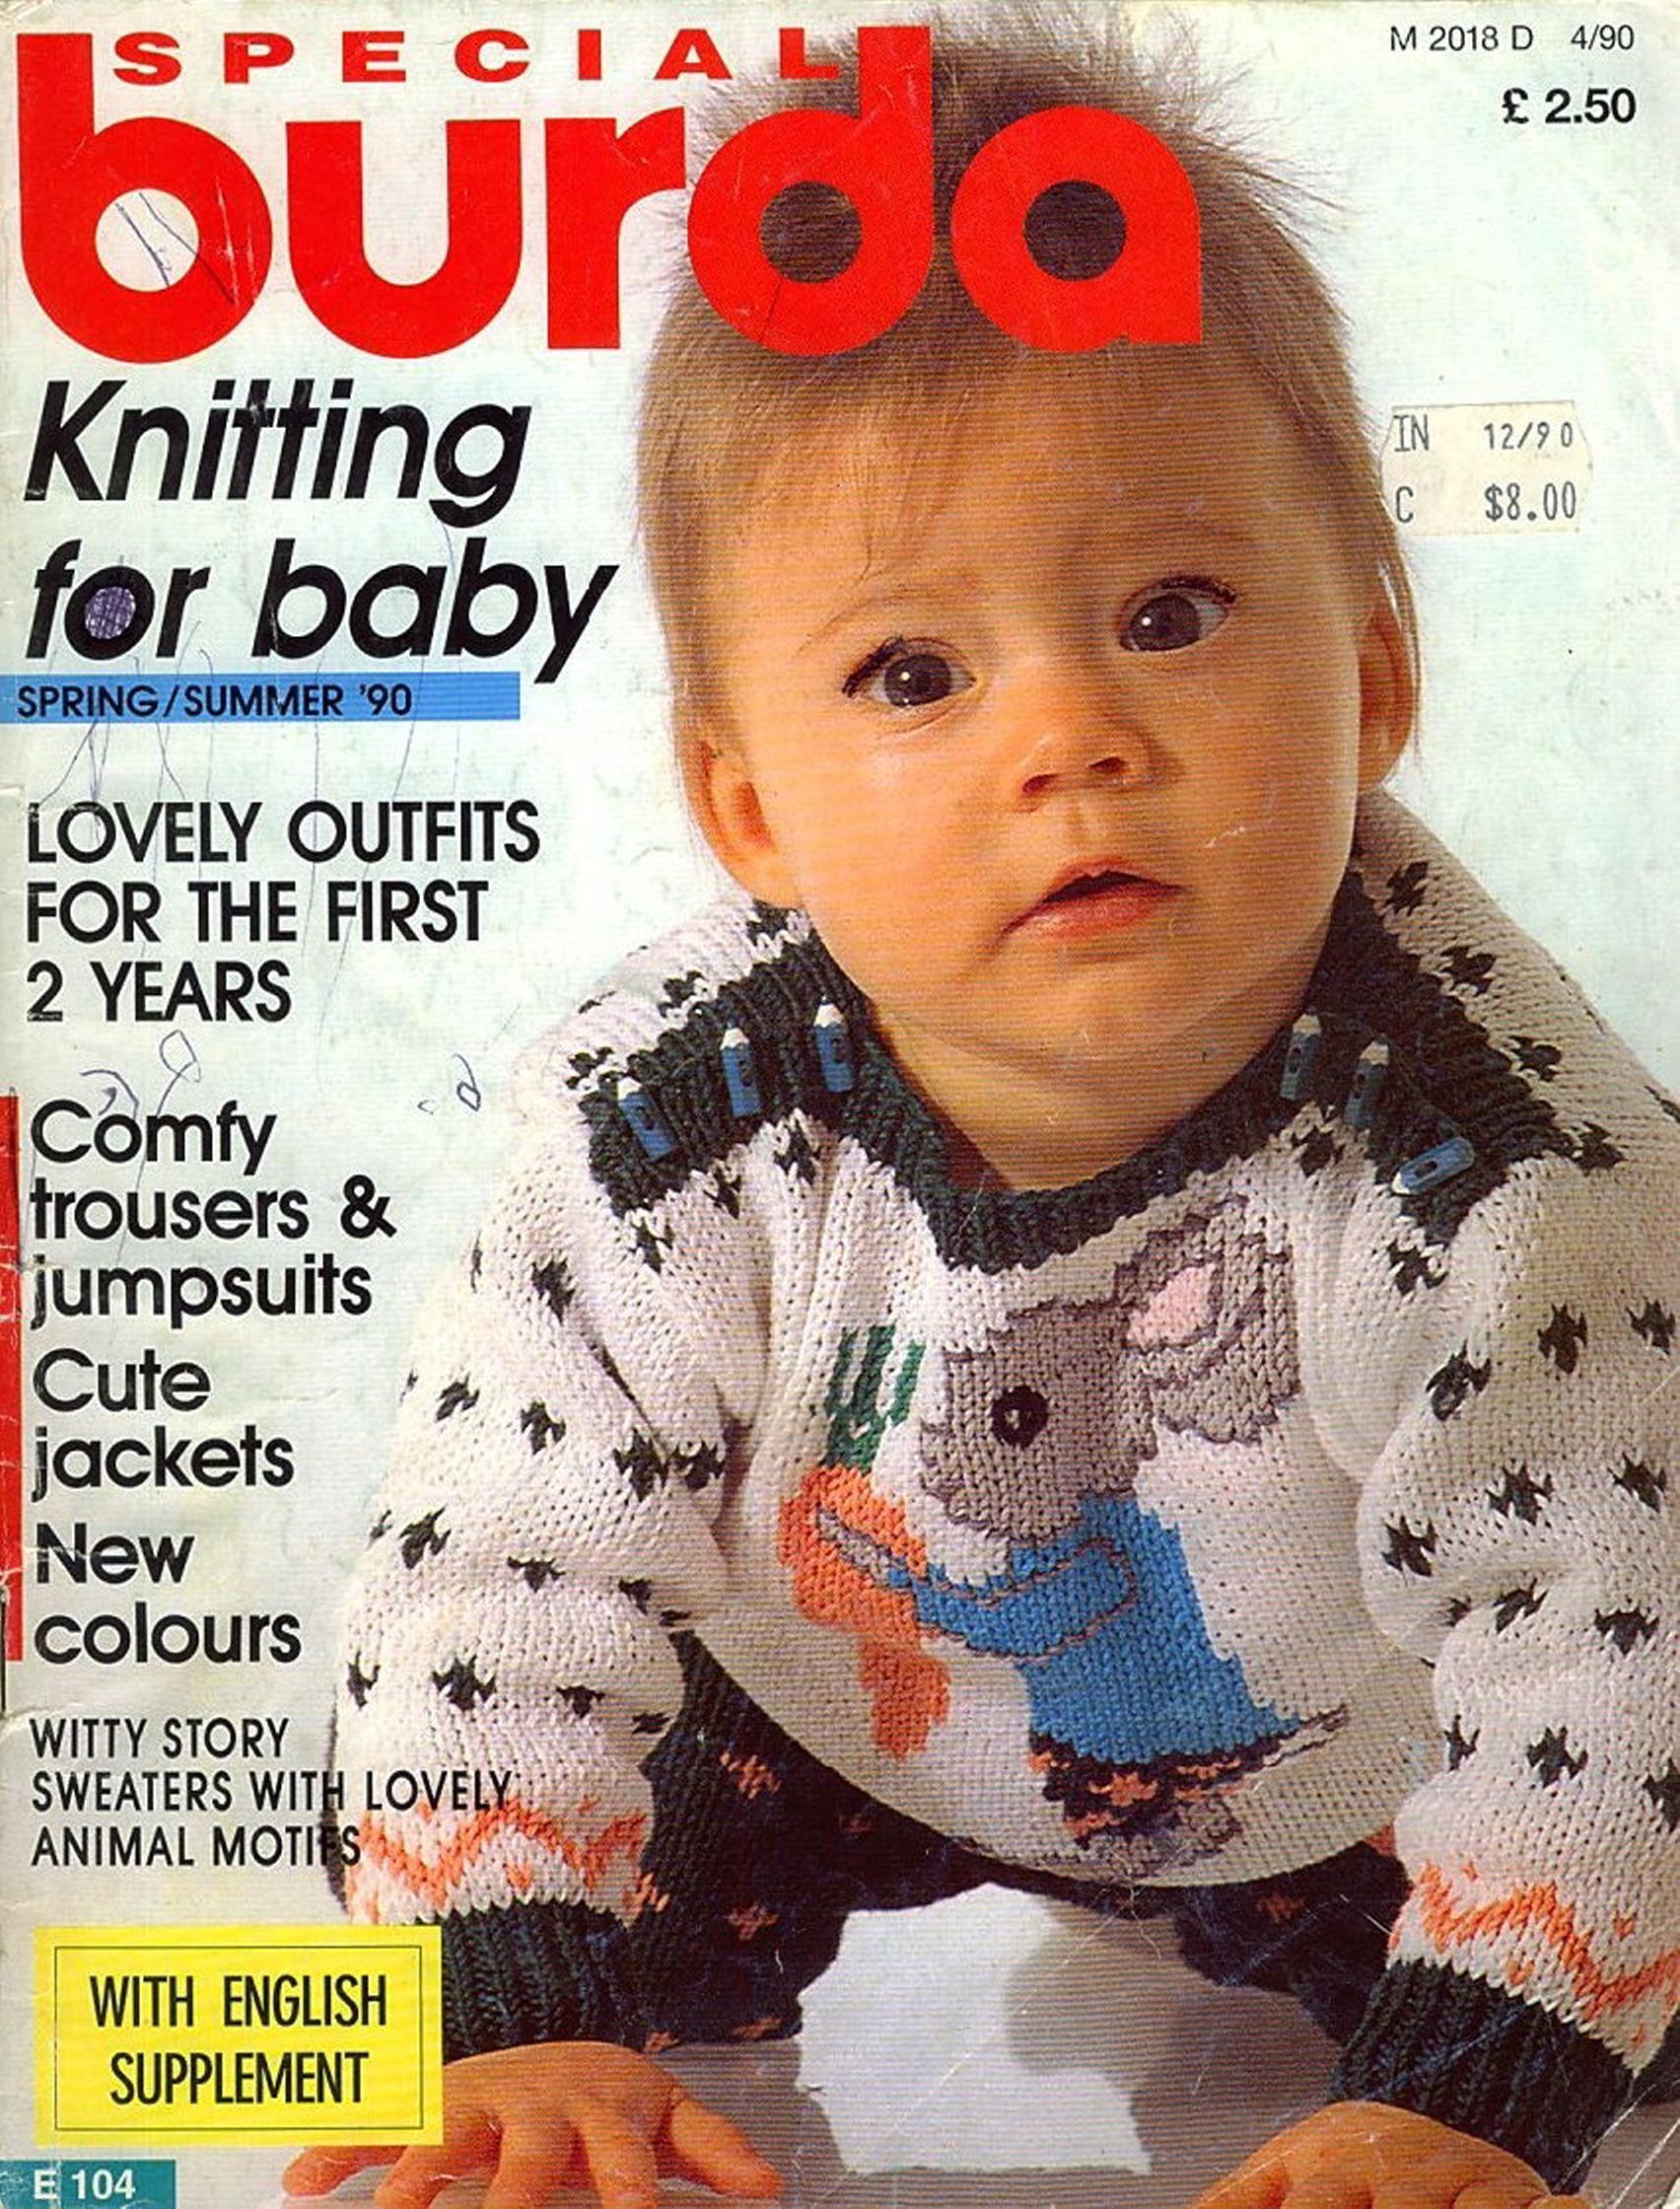 Журнал по вязанию для малышей «Burda special» E104 1990 Knitting for baby